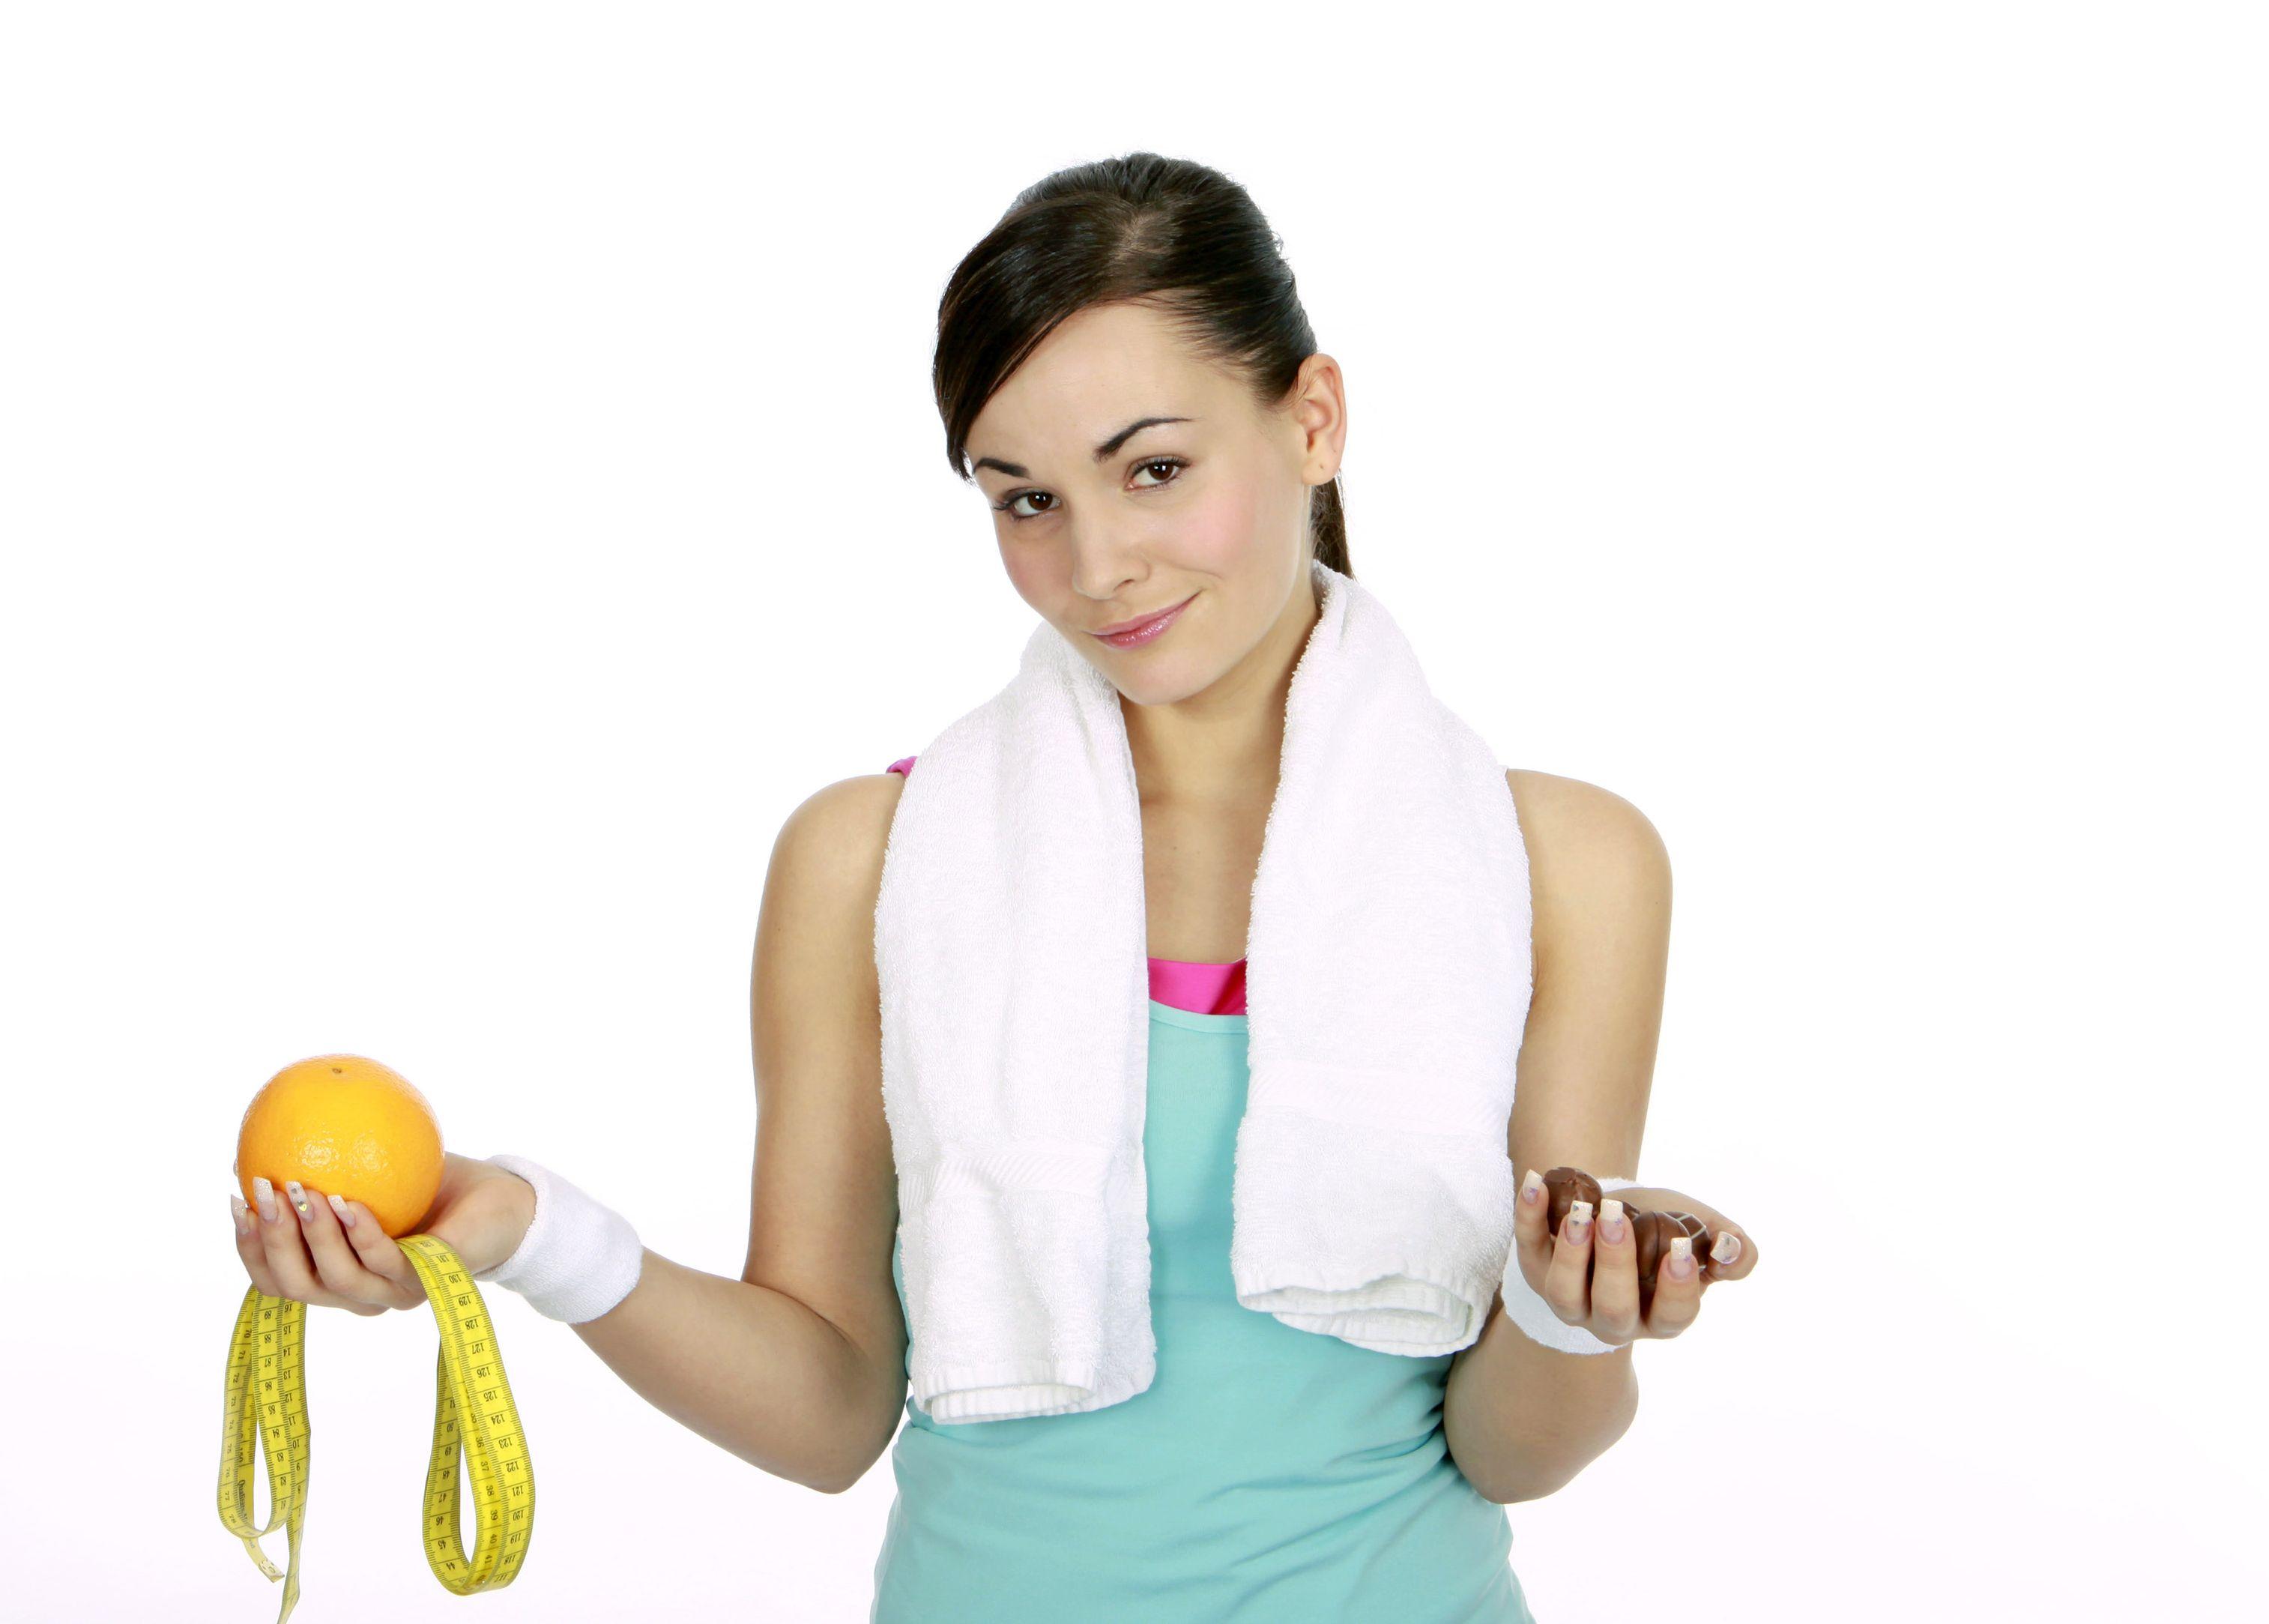 cum poți slăbi într-o săptămână carne de vită măcinată pentru a pierde în greutate